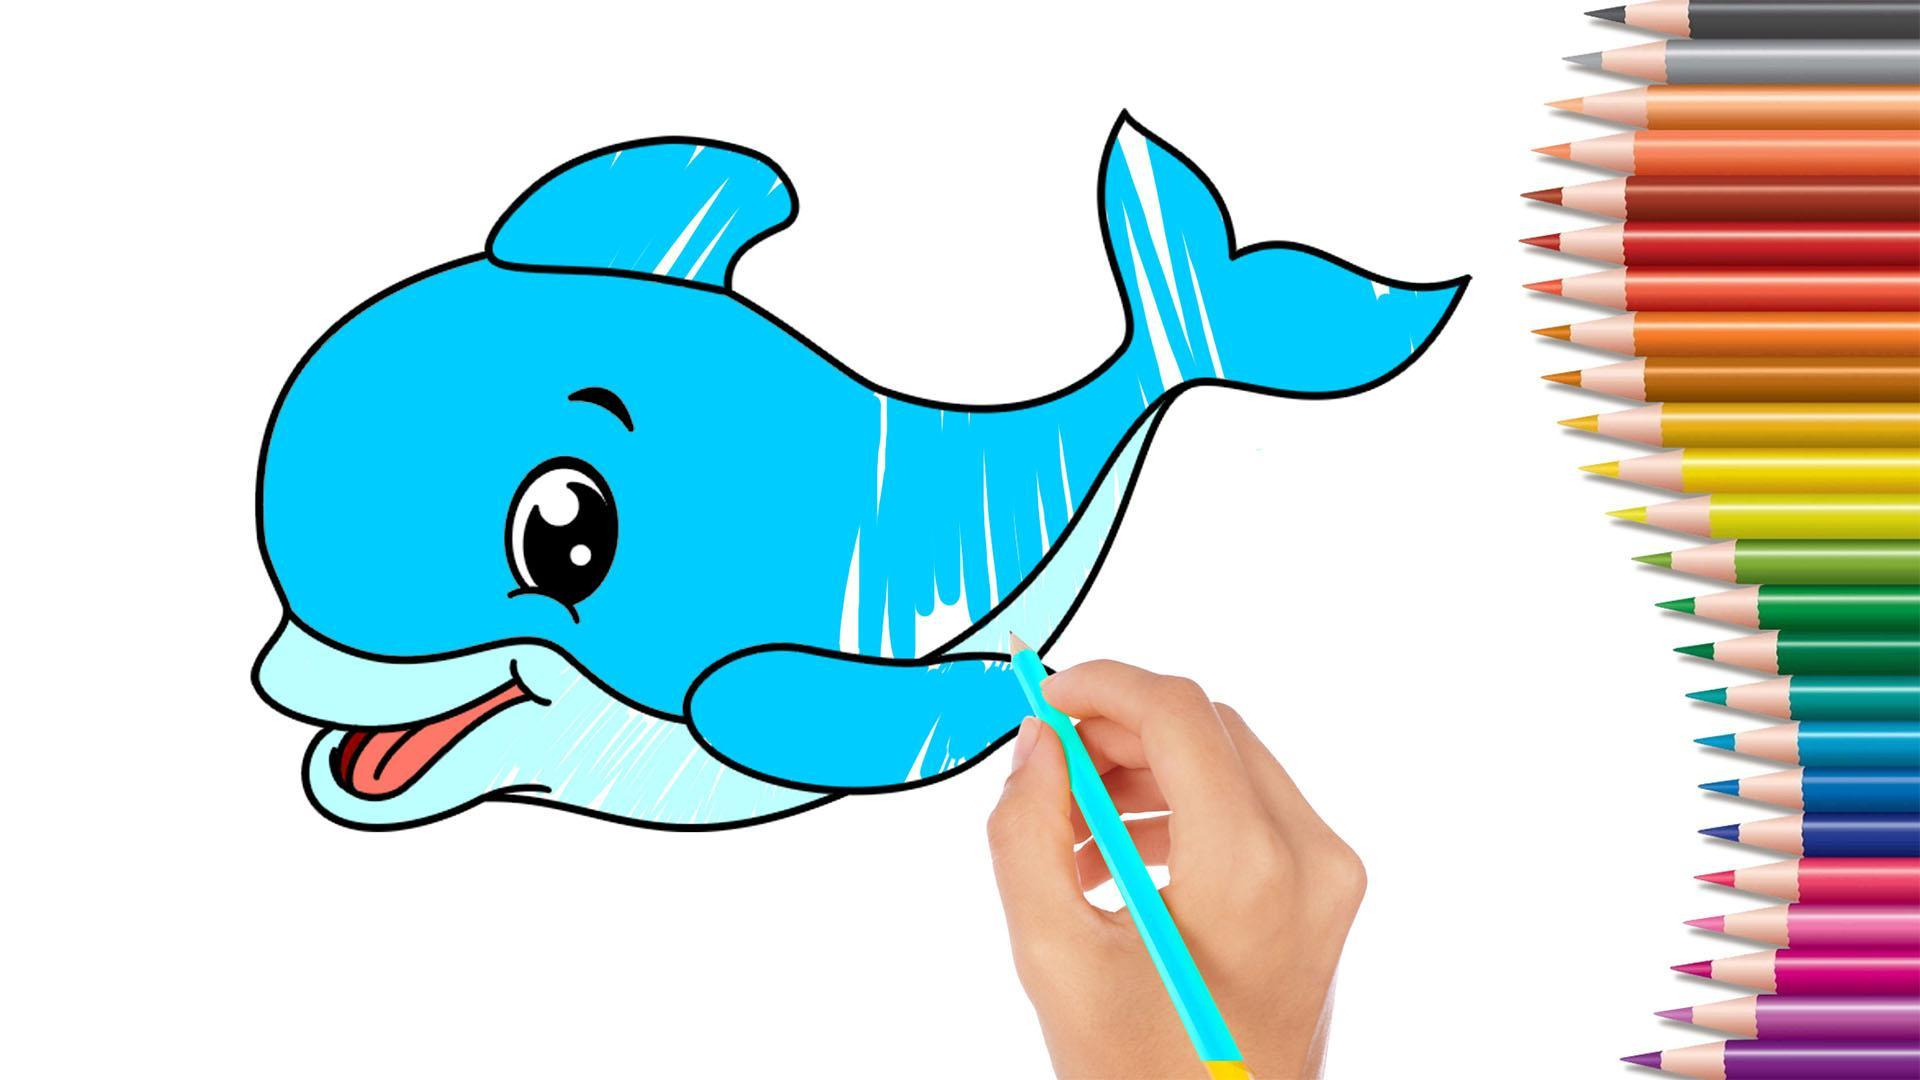 Malen Für Kinder : Zeichnen Lernen Tiere Für Android - Apk ganzes Kinder Lernen Zeichnen Und Malen